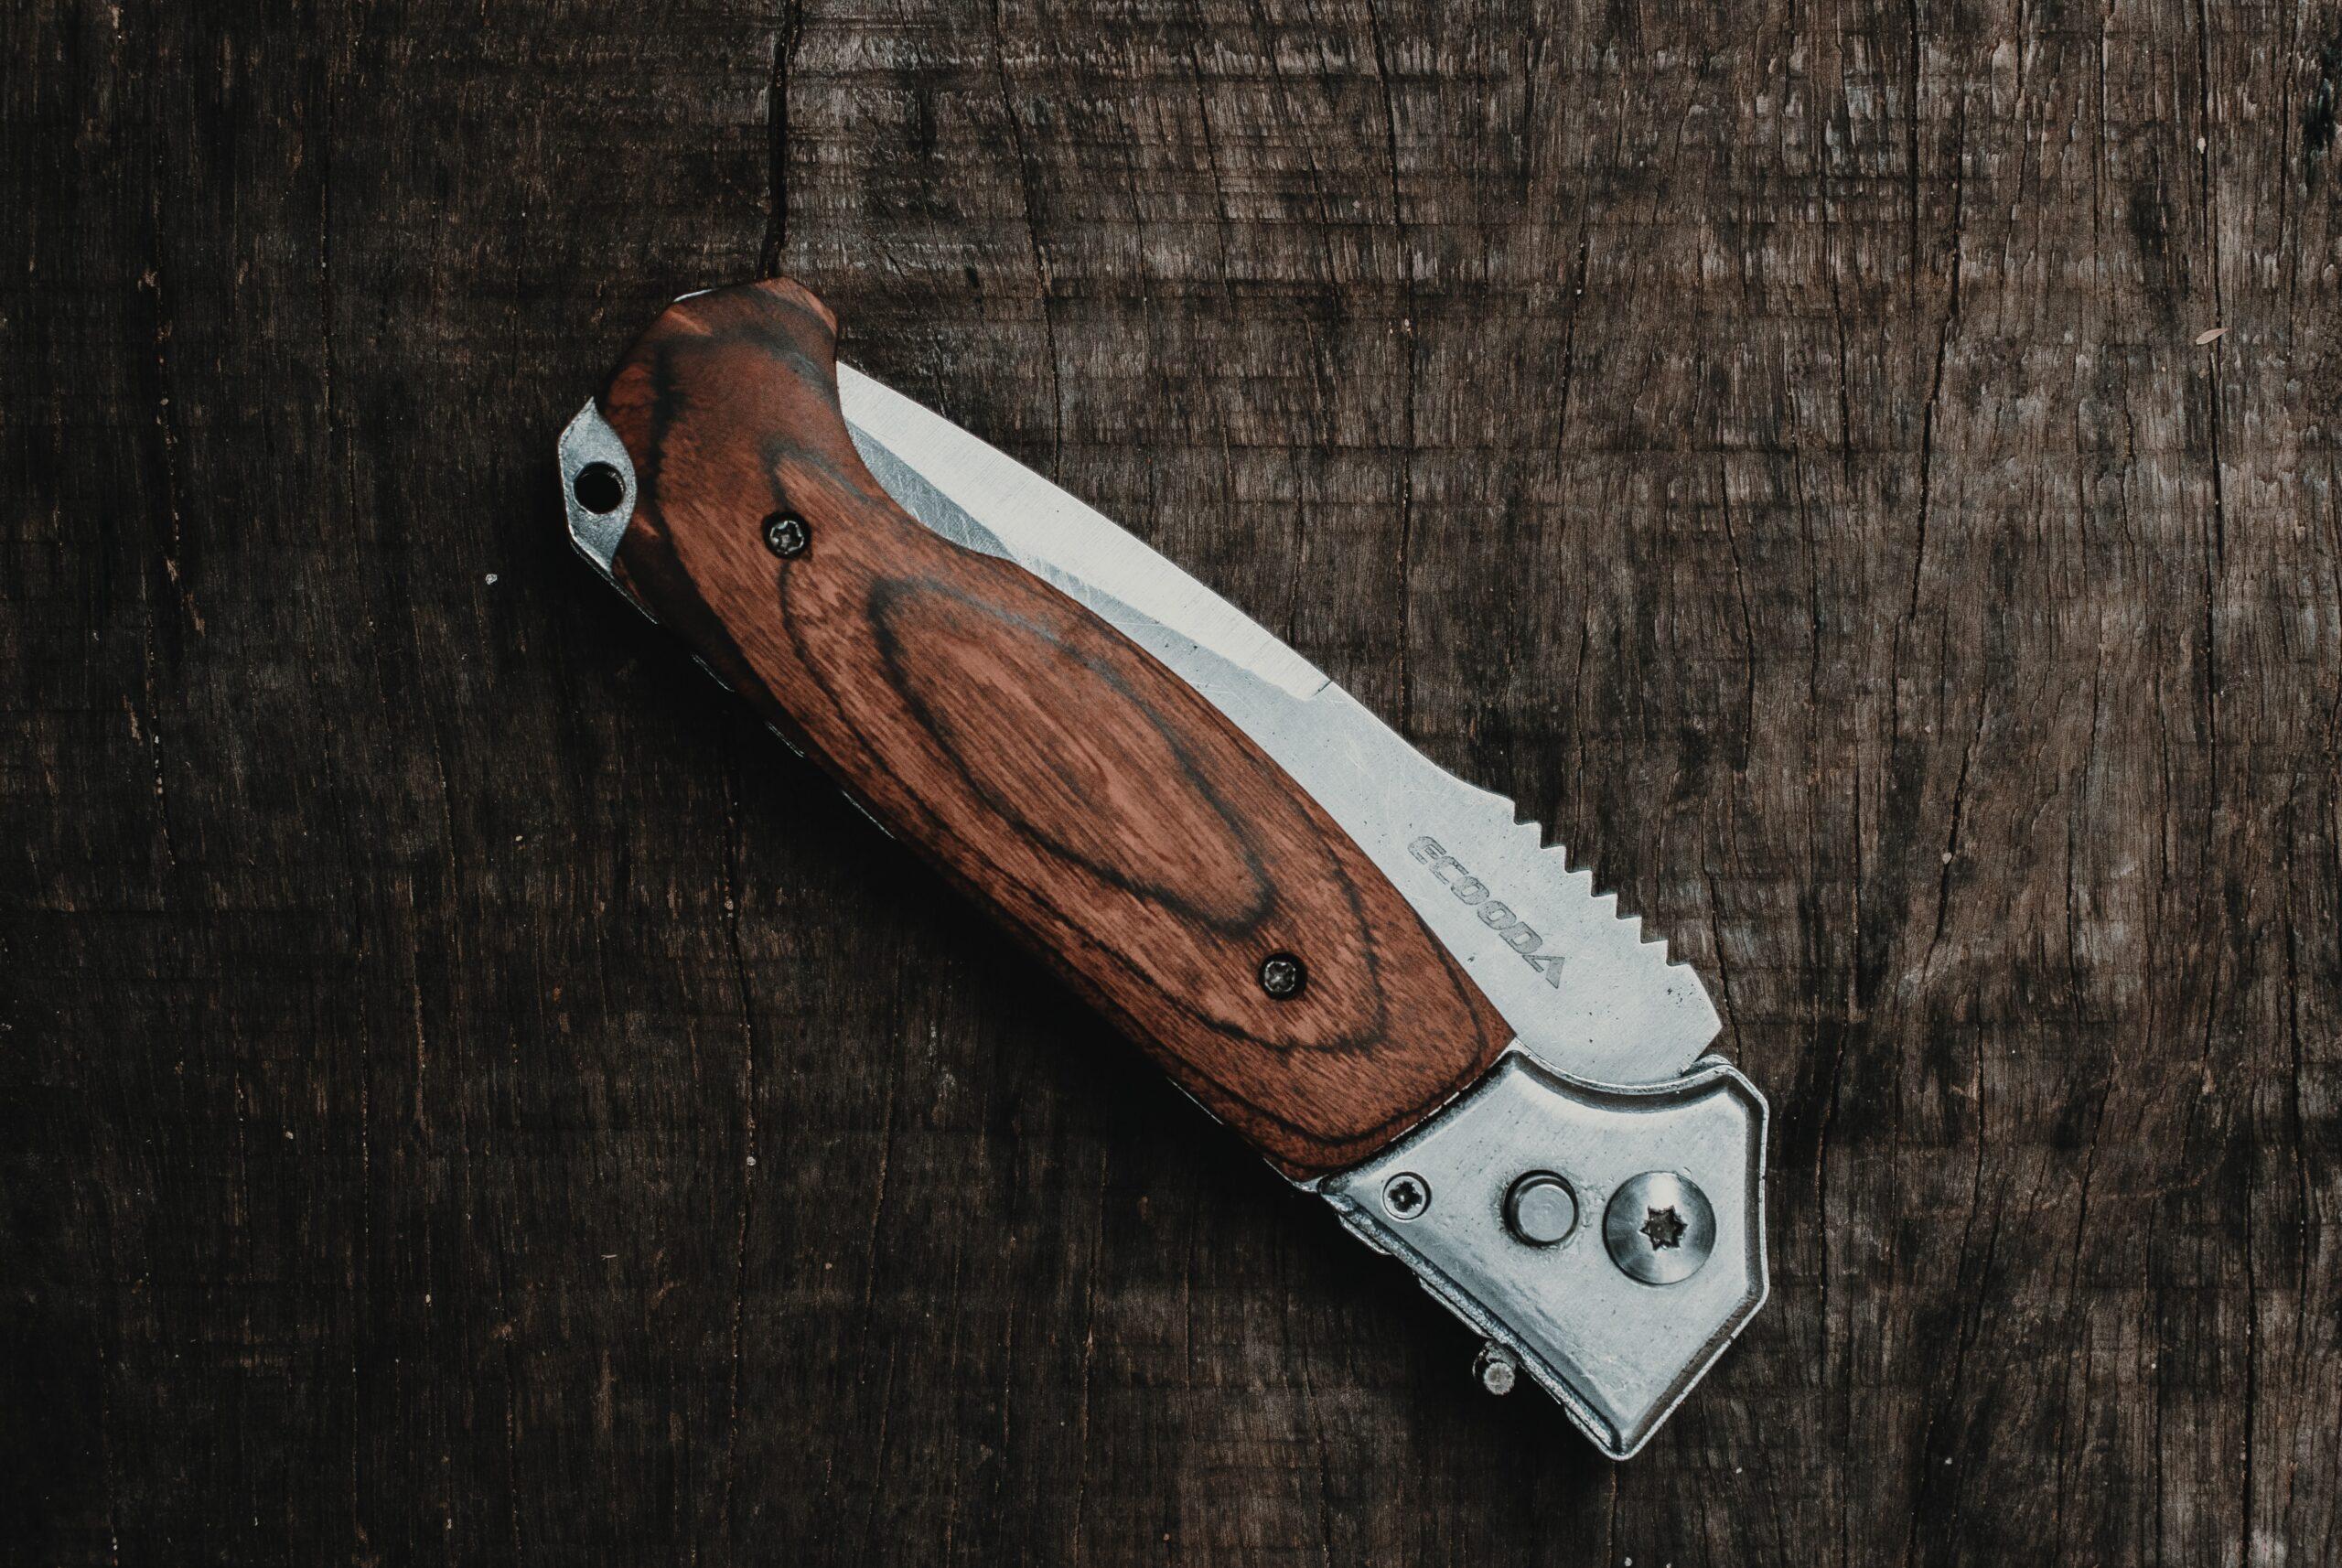 電工ナイフとは?使い方、研ぎ方、オススメ、危険性など